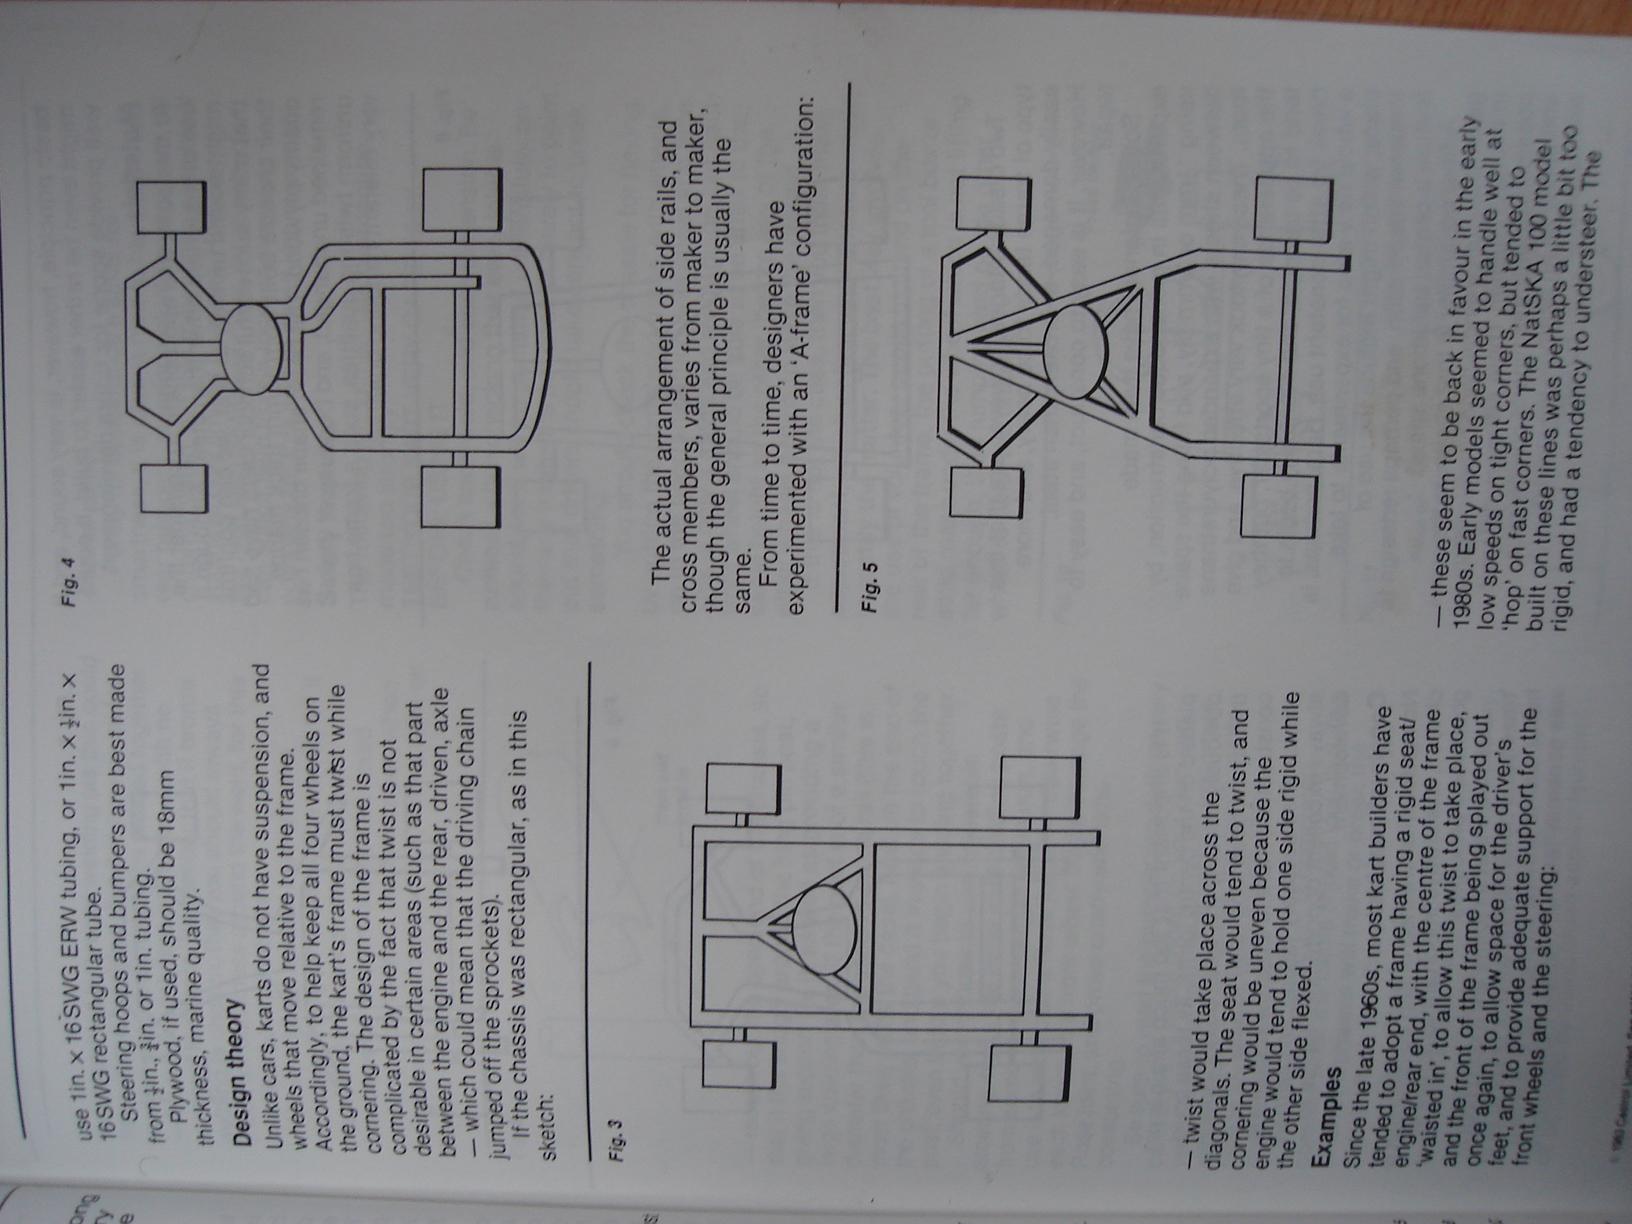 Go Kart Frame Dimensions - Page 4 - Frame Design & Reviews ✓